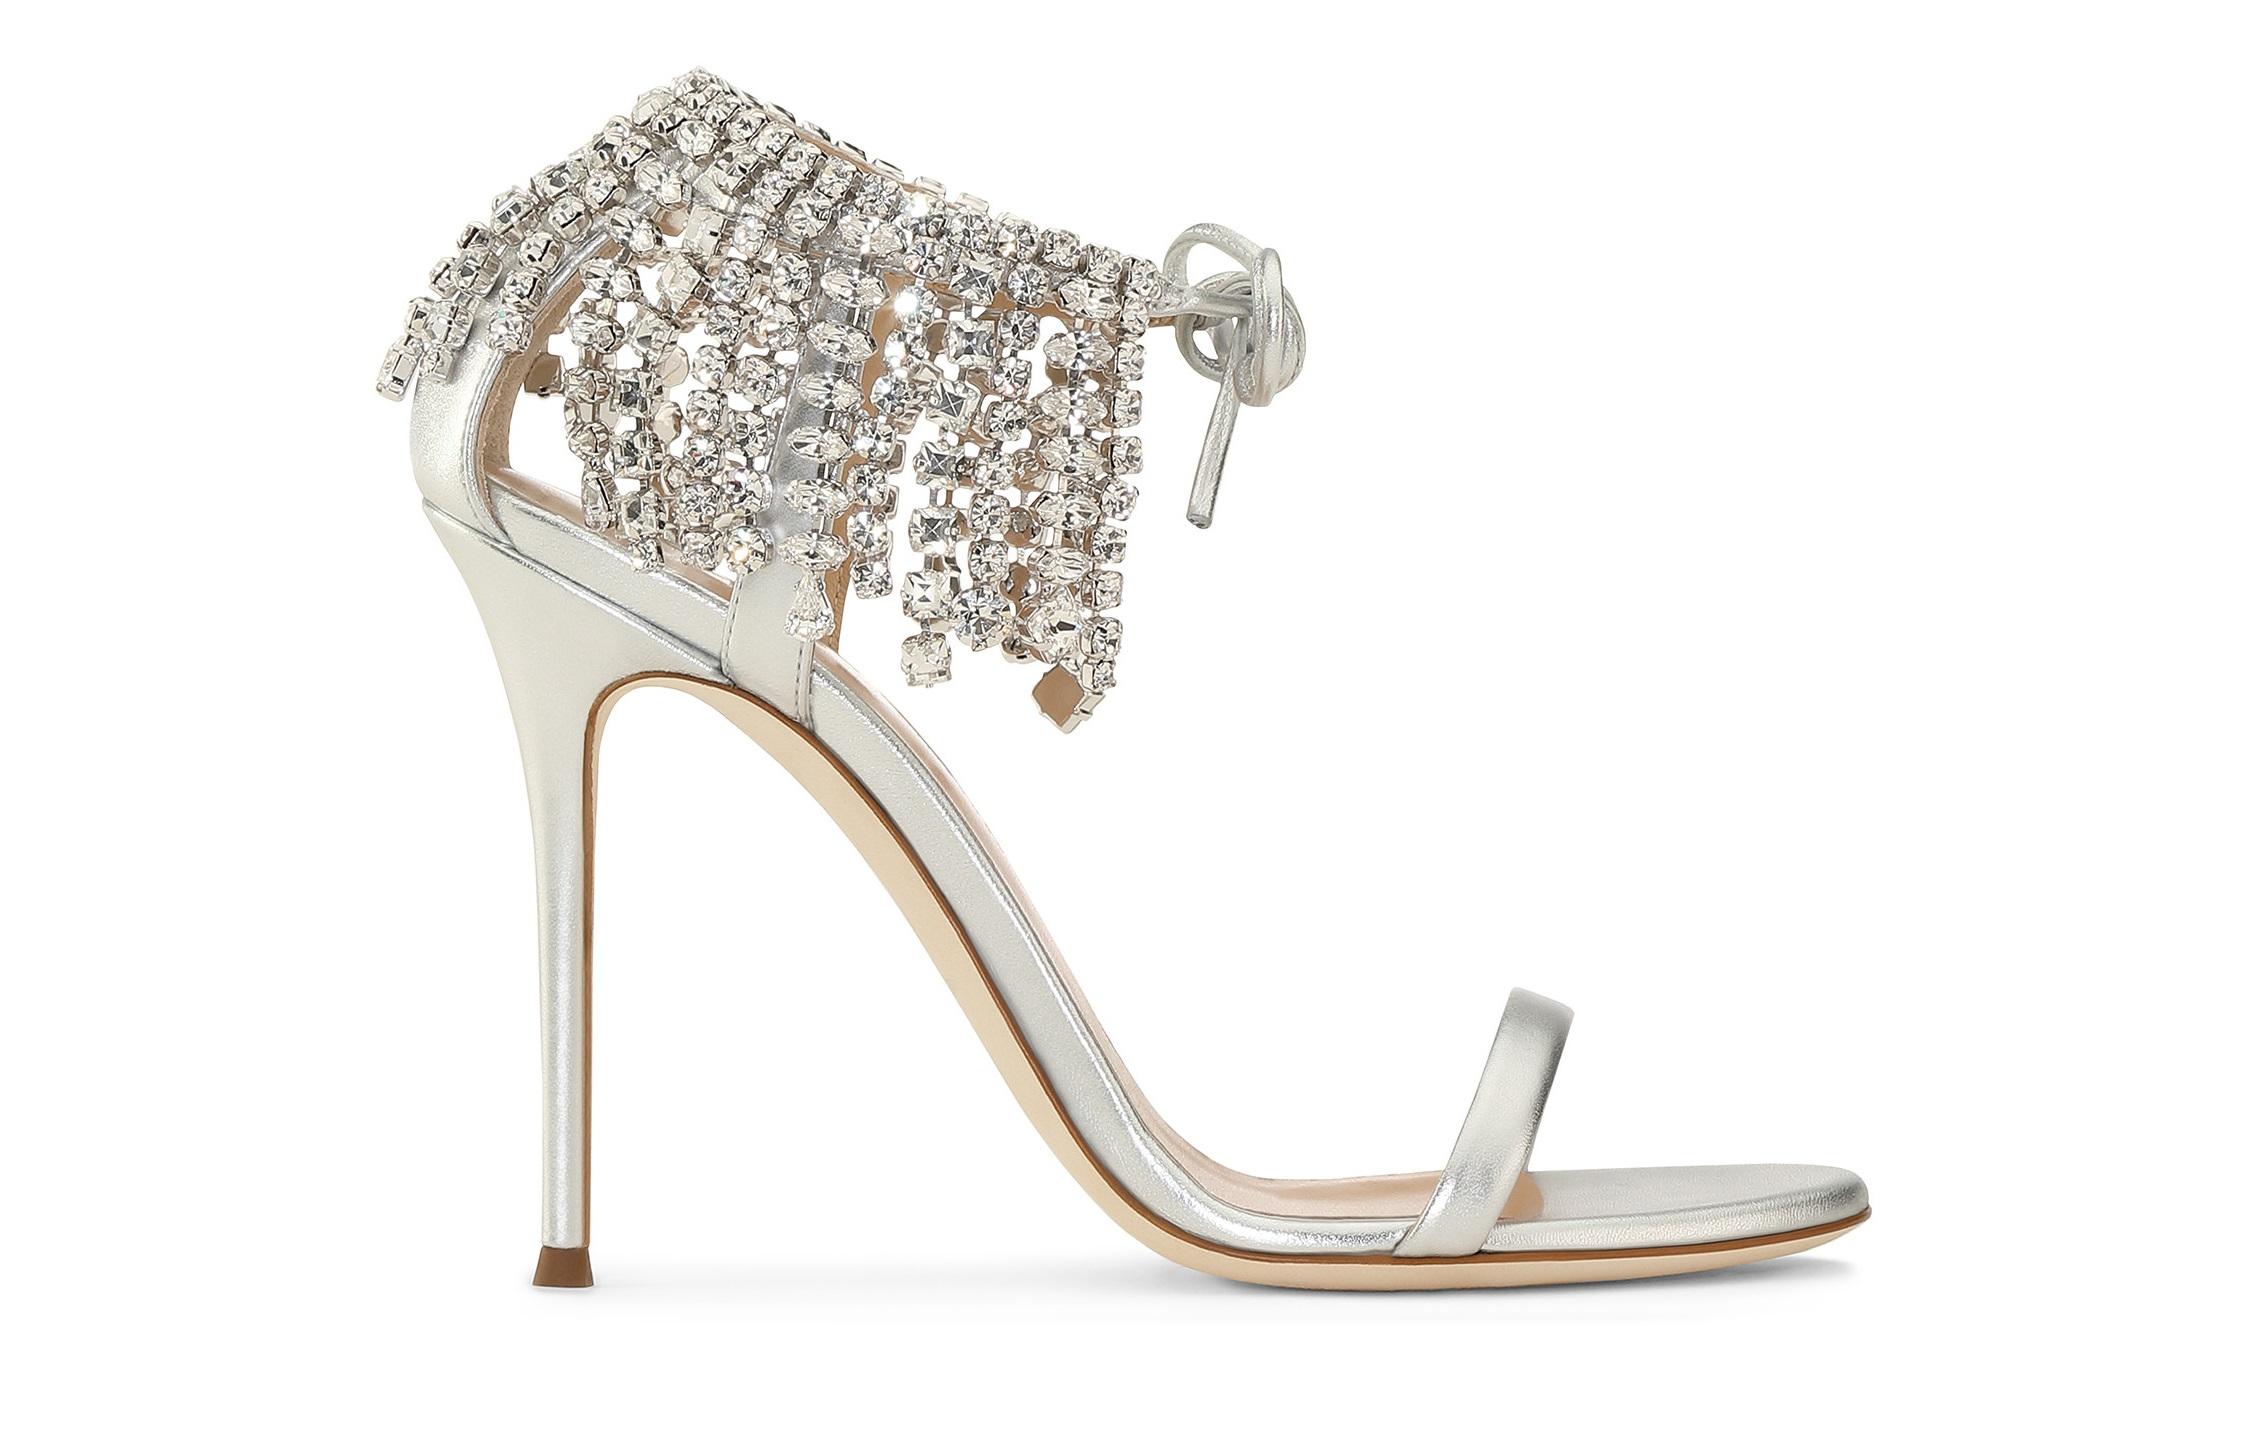 cd92654e3df802 Sandali gioiello argento Giuseppe Zanotti con inserti lungo la caviglia